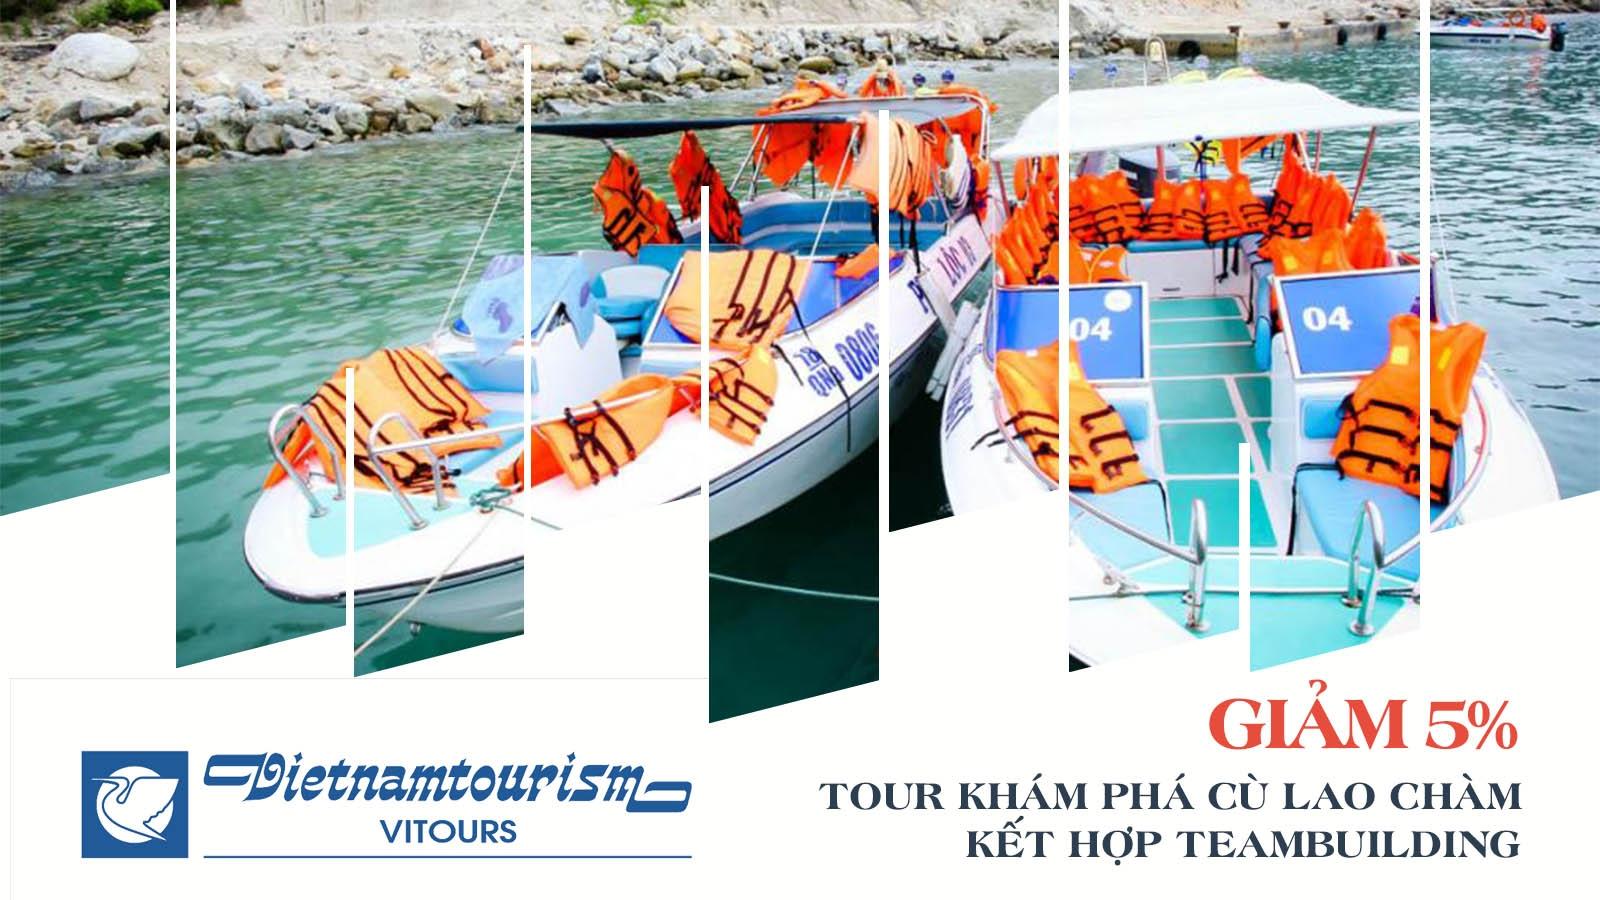 Vitours | Giảm 5% Tour khám phá Cù Lao Chàm kết hợp team building 1